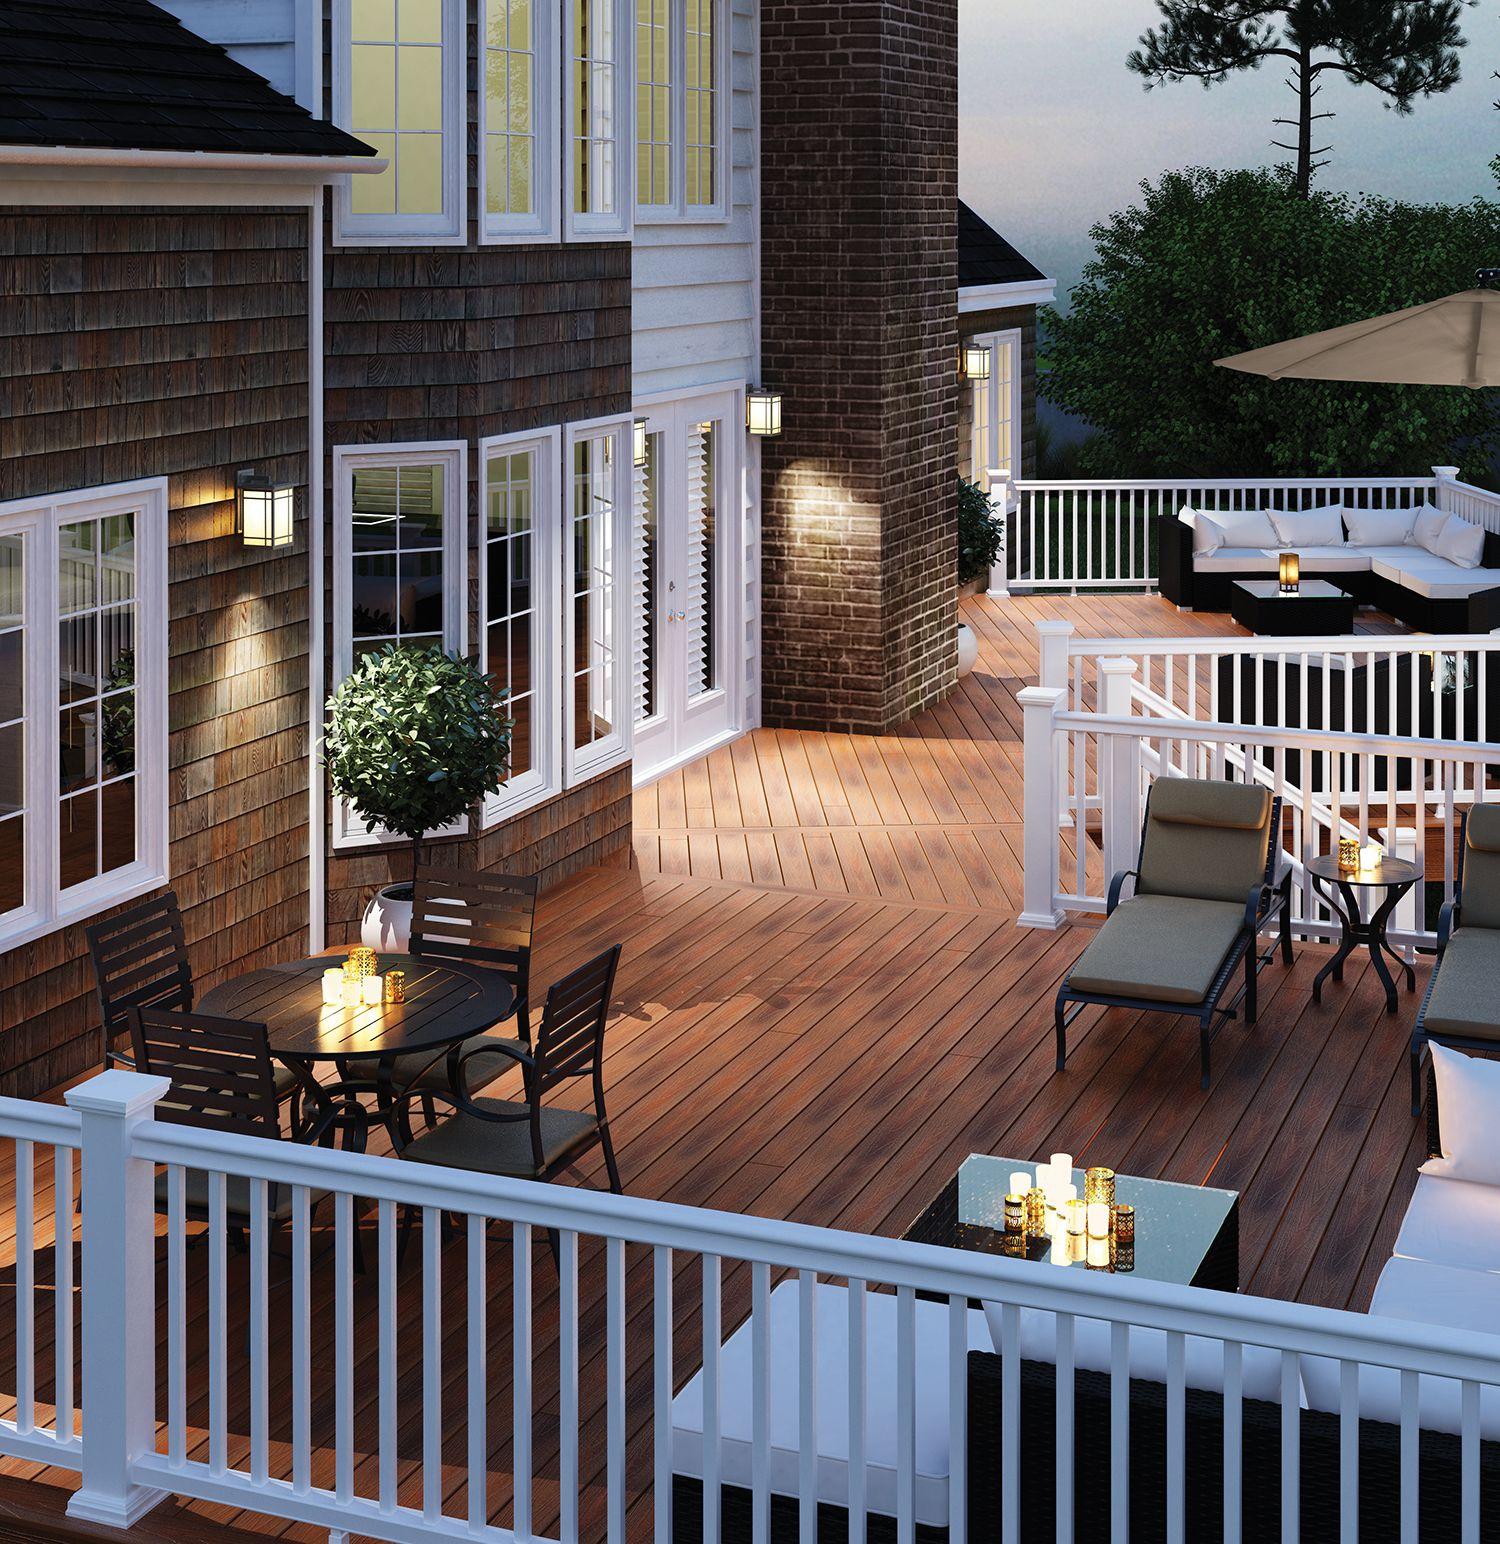 Home Deck Design Ideas: Choose Your Deck Colors, Patterns